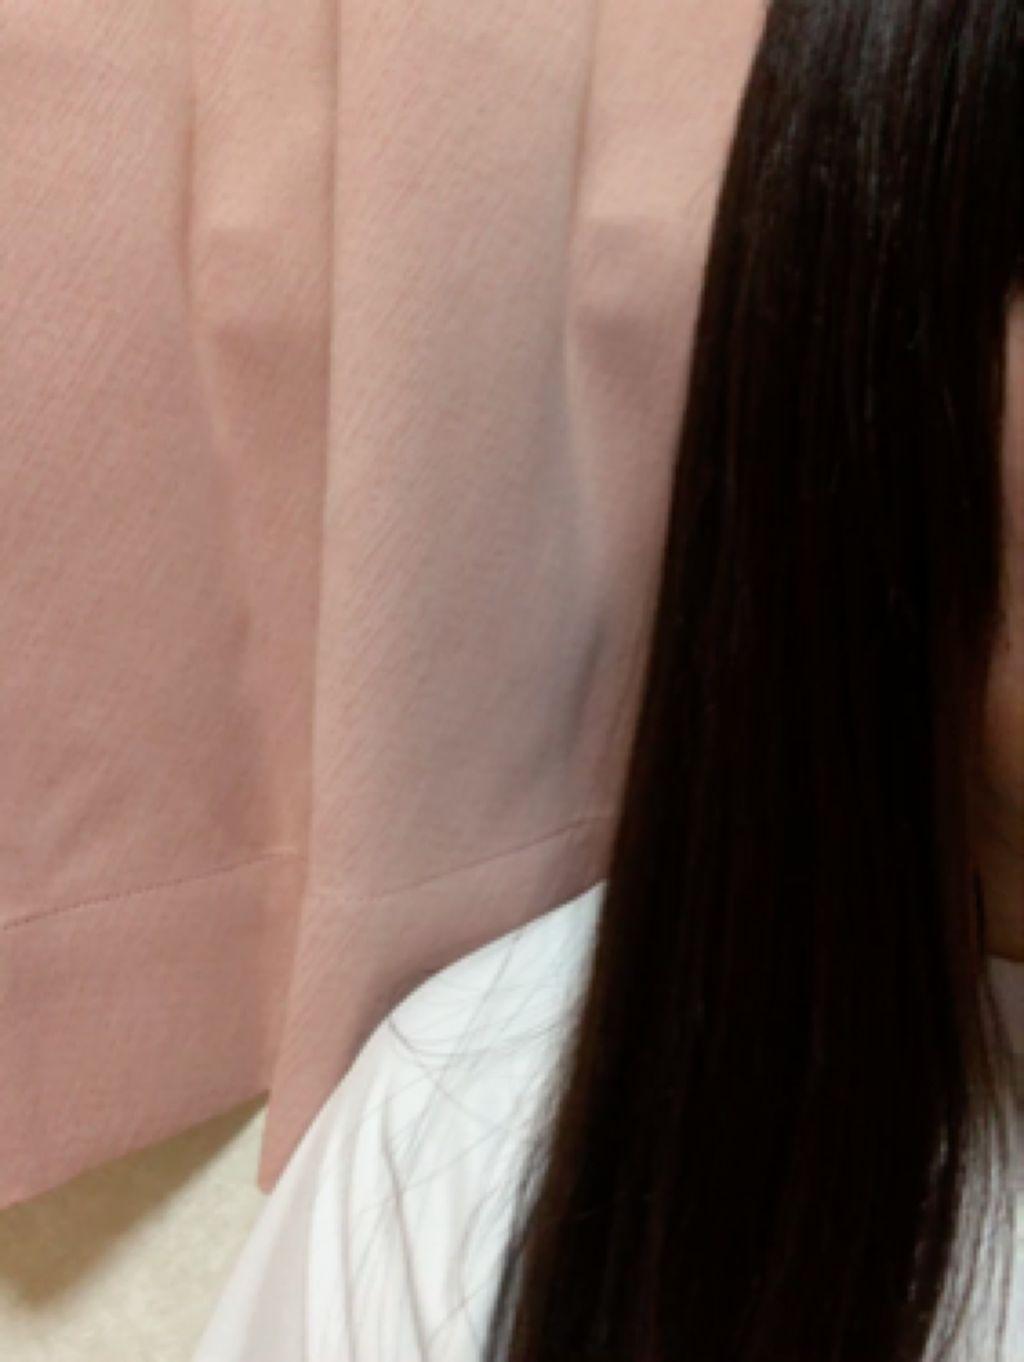 【動画付きクチコミ】ellipsのトリートメント(黒)です!ドンキホーテだと少し高めとお聞きしたのでキャンドゥで買ってきました🛁私の髪は地毛なので、黒を選びました感想↓↓最初匂いは少し強め、数分経てば自然な匂いになりました。シャンプーとの相性もあると思い...